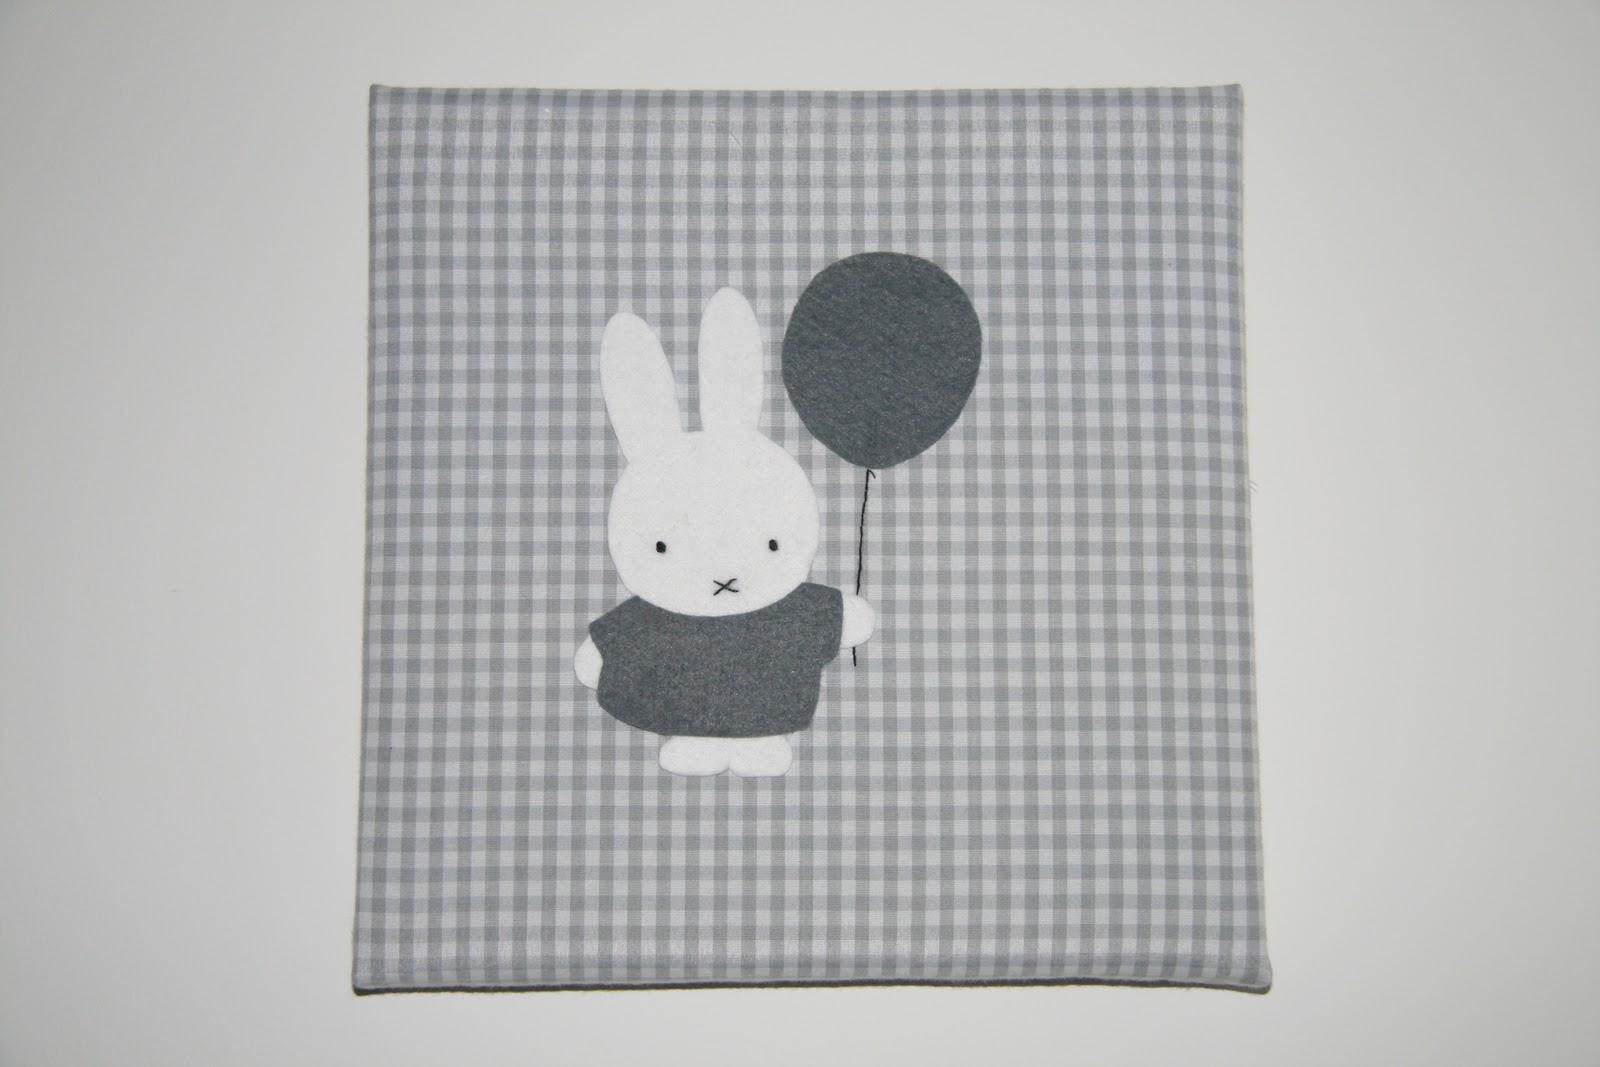 schilderijtjes babykamer nijntje ~ lactate for ., Deco ideeën